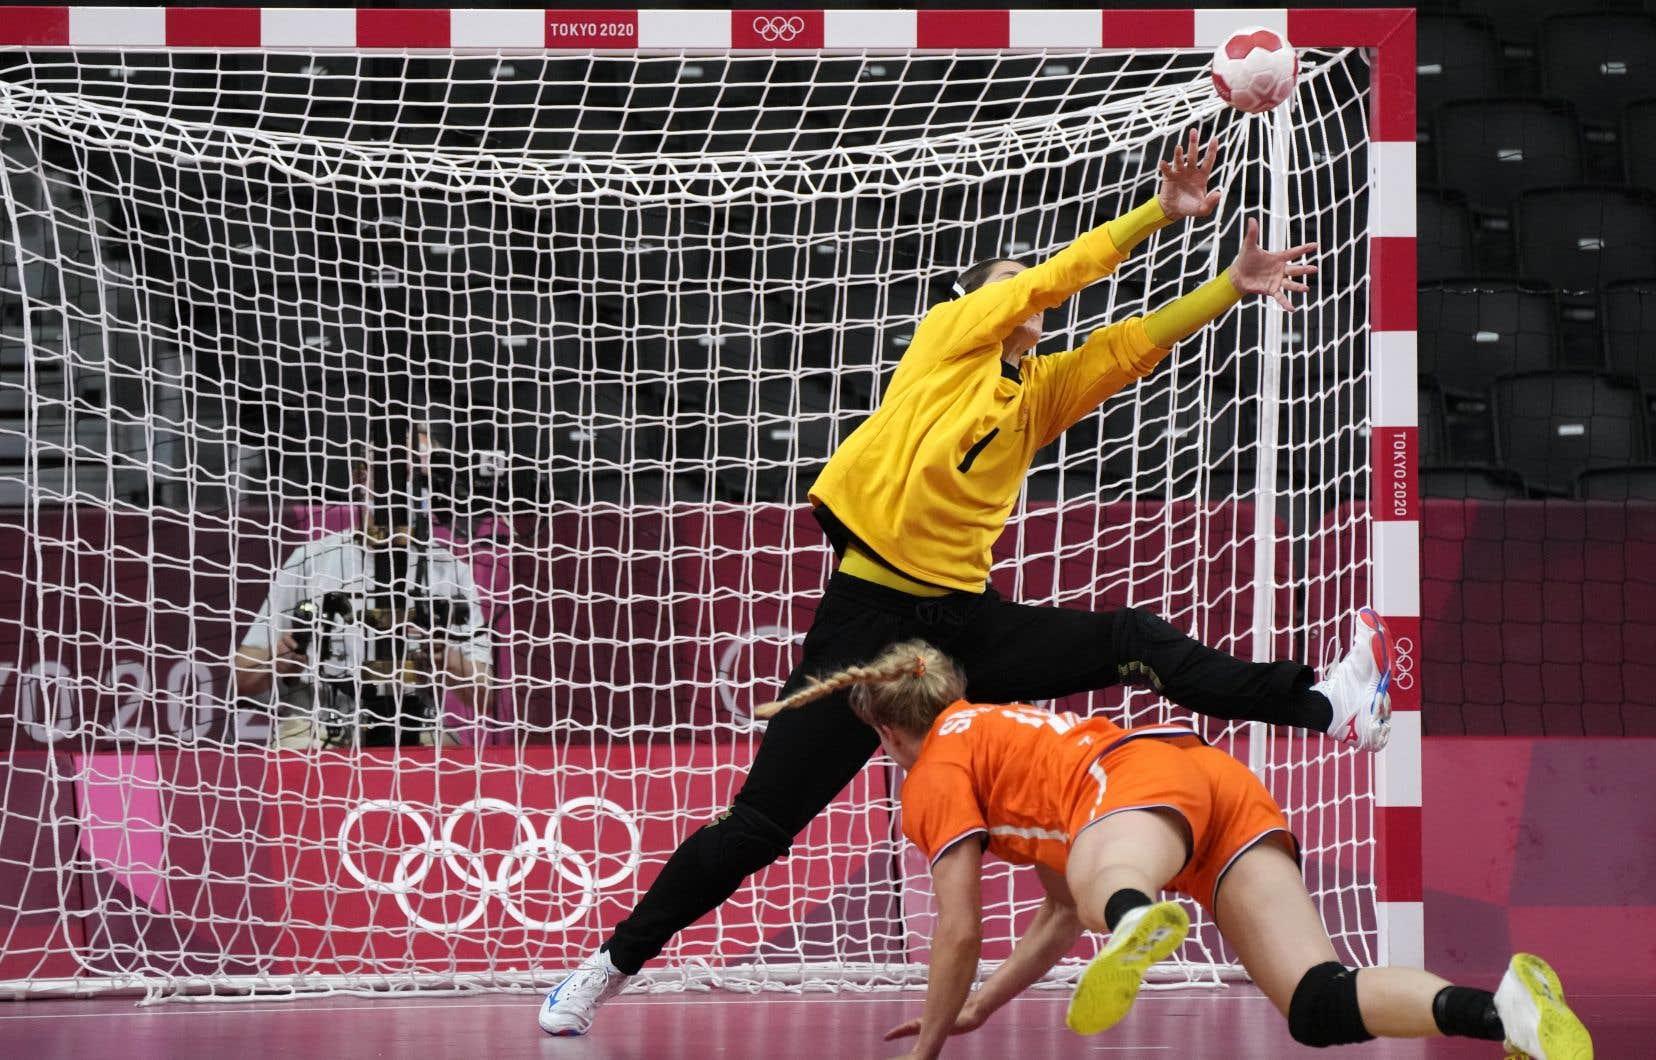 C'est presque un mystère que le handball, un sport qui allie le lancer du baseball, les déplacements et les passes rapides du basketball, le jeu physique du hockey, des plongeons spectaculaires, des arrêts impossibles et des tas de buts, ne soit pas aussi populaire chez nous.